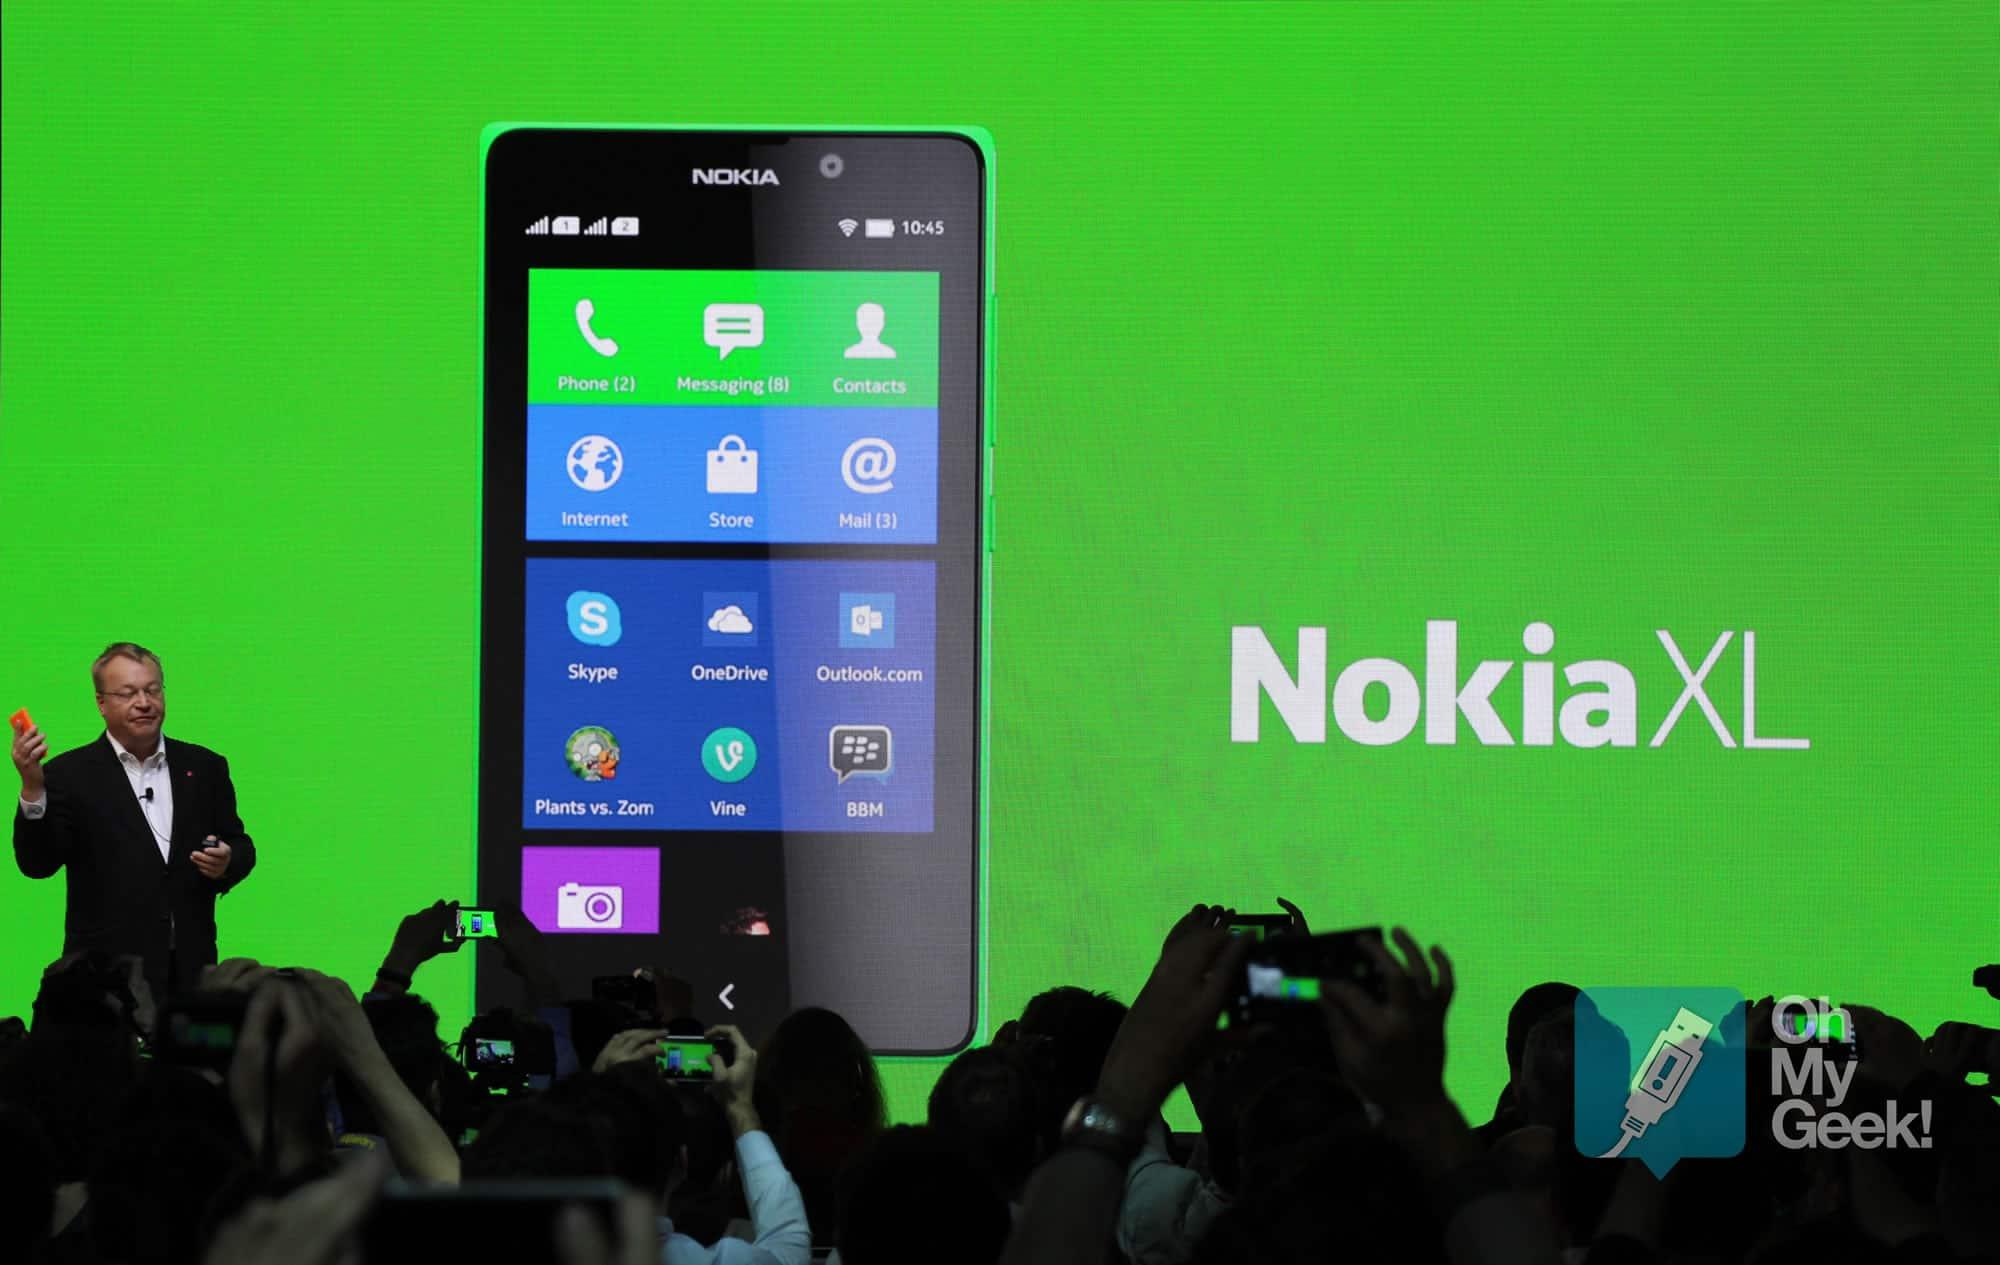 Nokia XL fue uno de los best sellers en la promoción de JD.com.